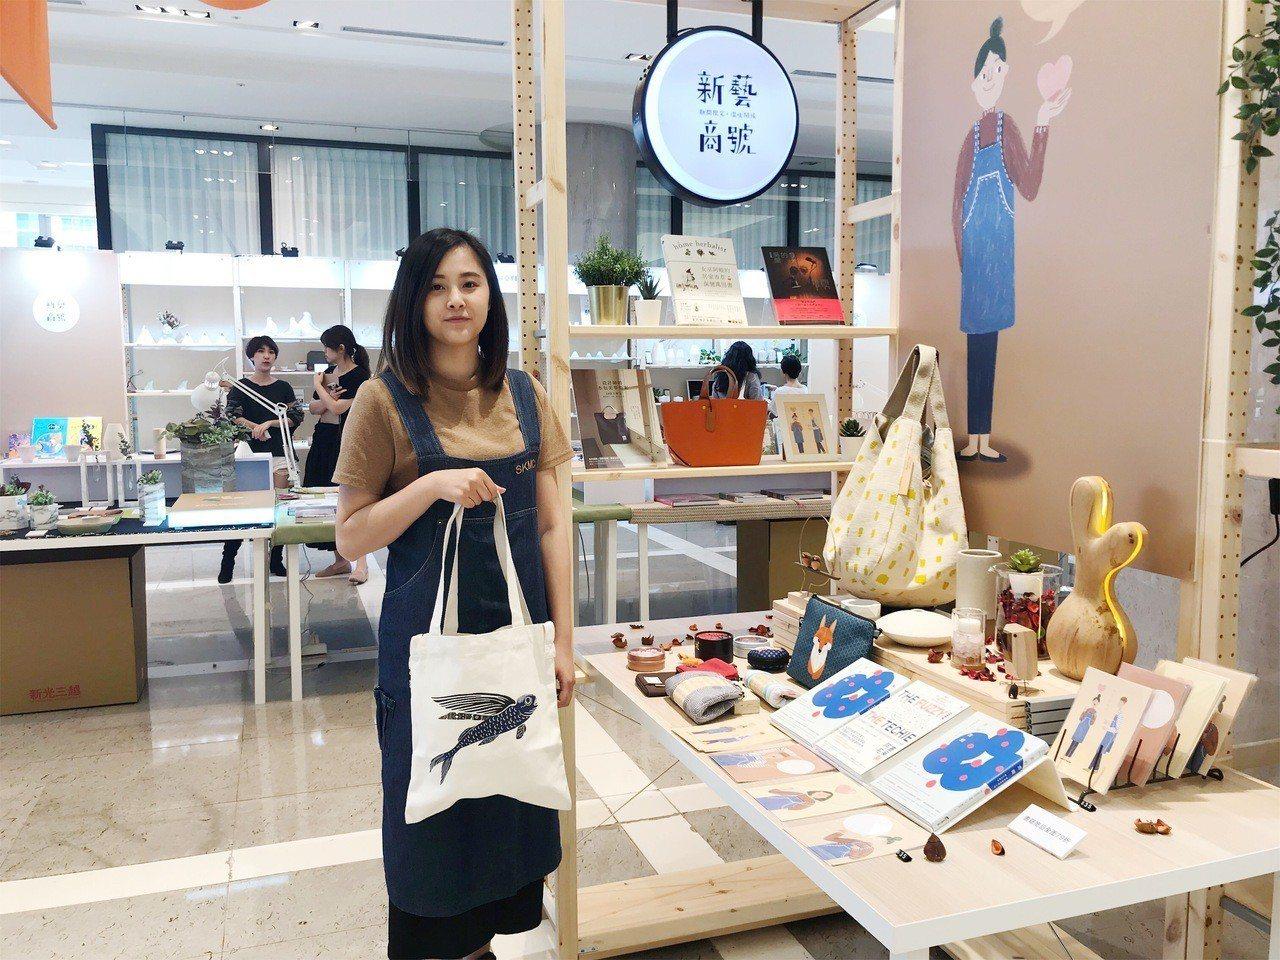 「新藝商號」集結台灣23家工藝設計品牌,分享生活好設計。記者江佩君/攝影